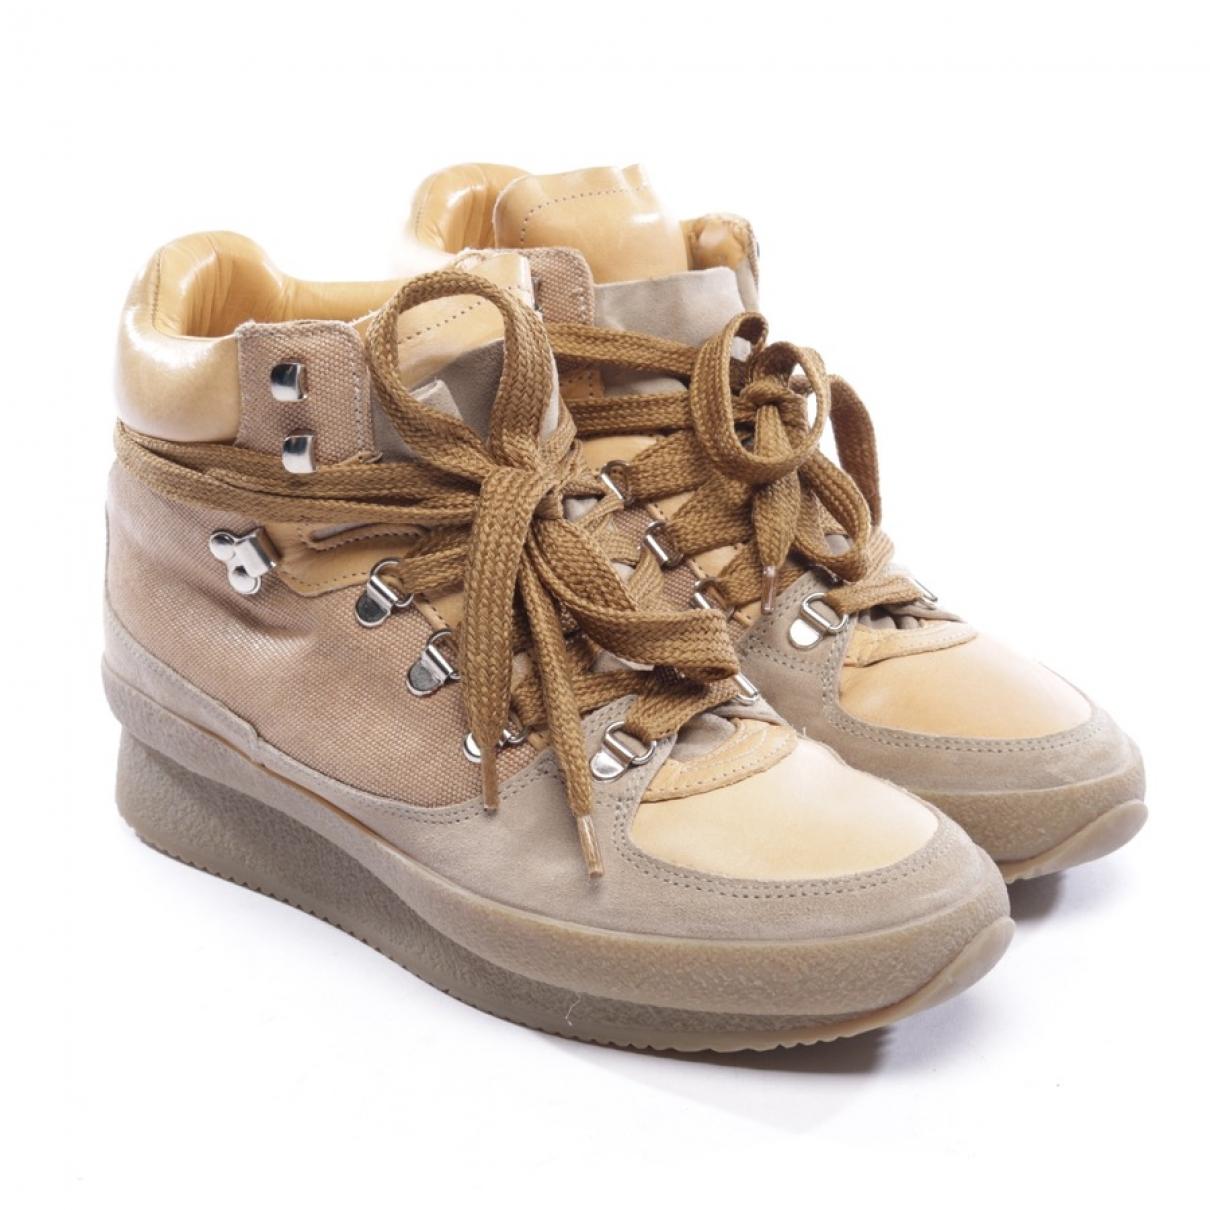 Isabel Marant Etoile \N Sneakers in  Beige Leder